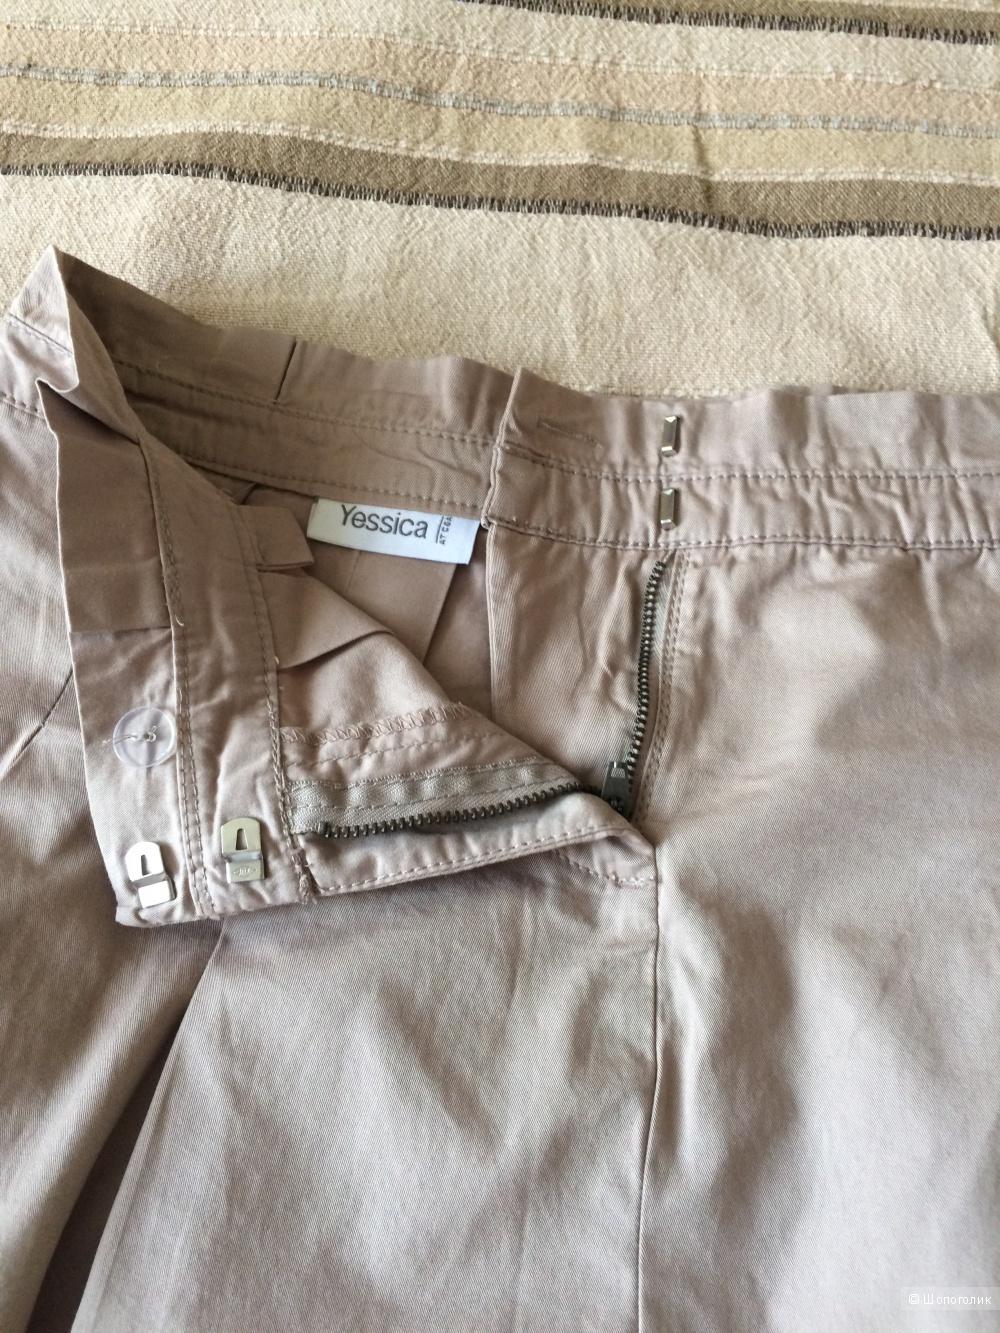 Бежевая юбка из хлопка Yessica, размер 36-38